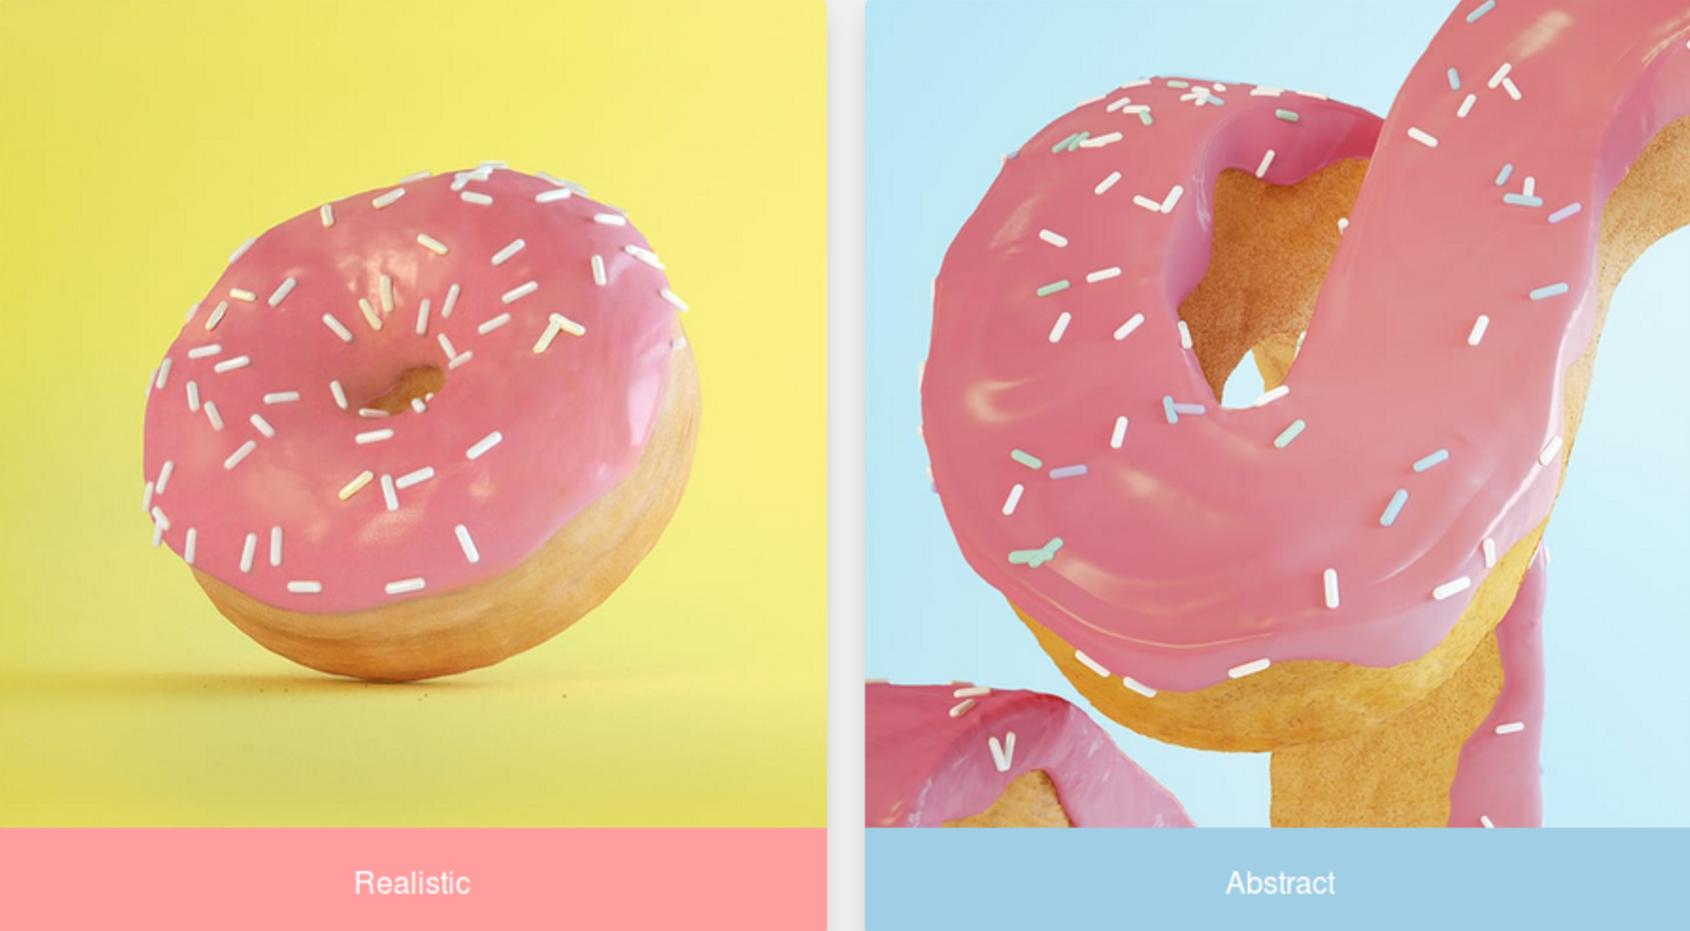 Máte radi realistické alebo abstraktné objekty?